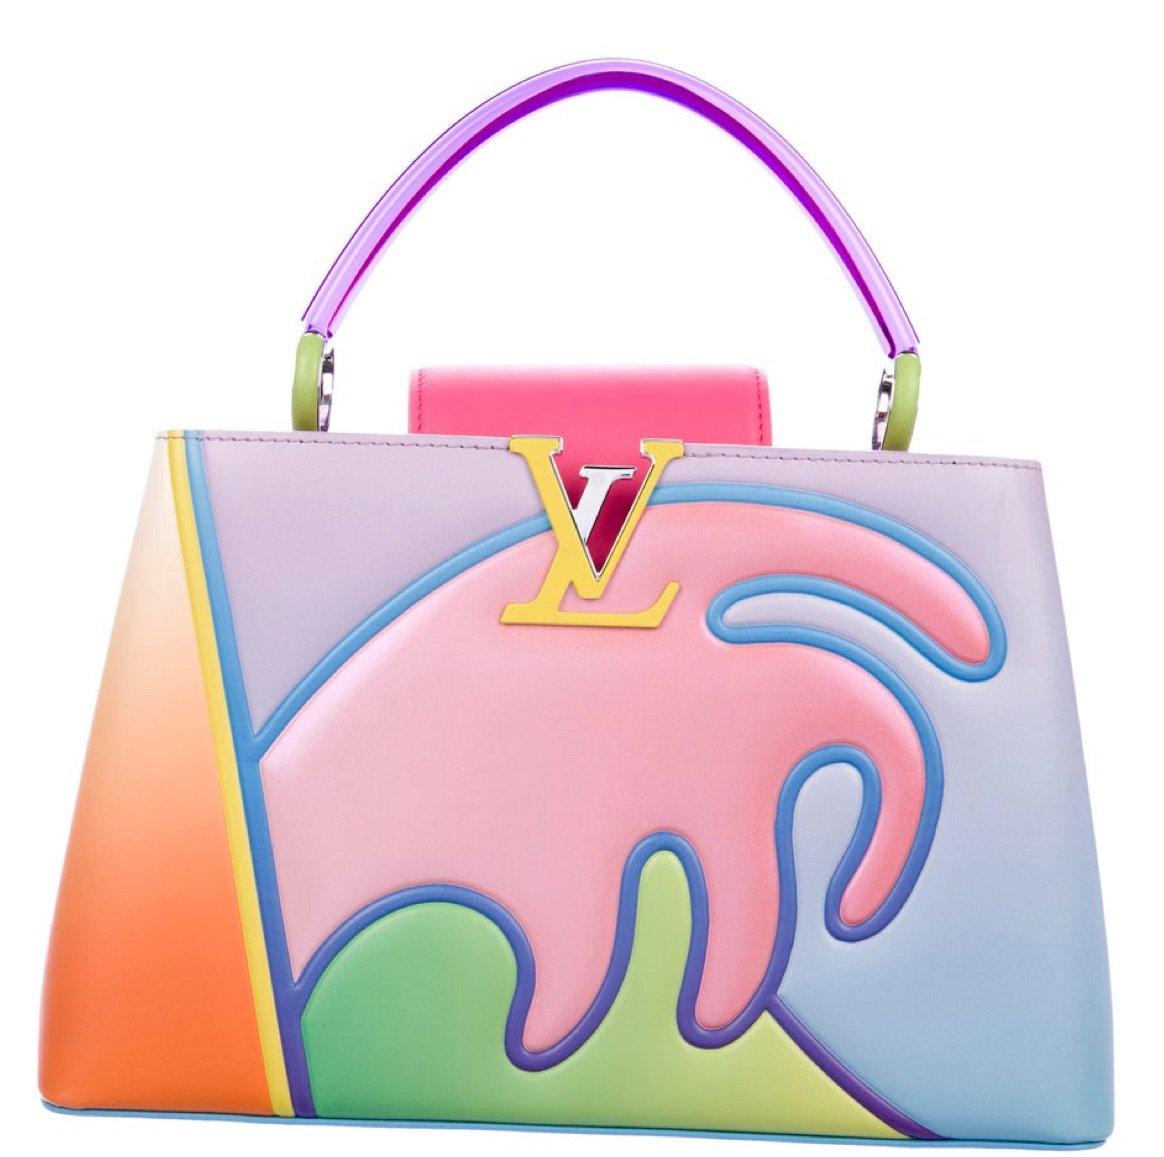 Louis Vuitton arty bag